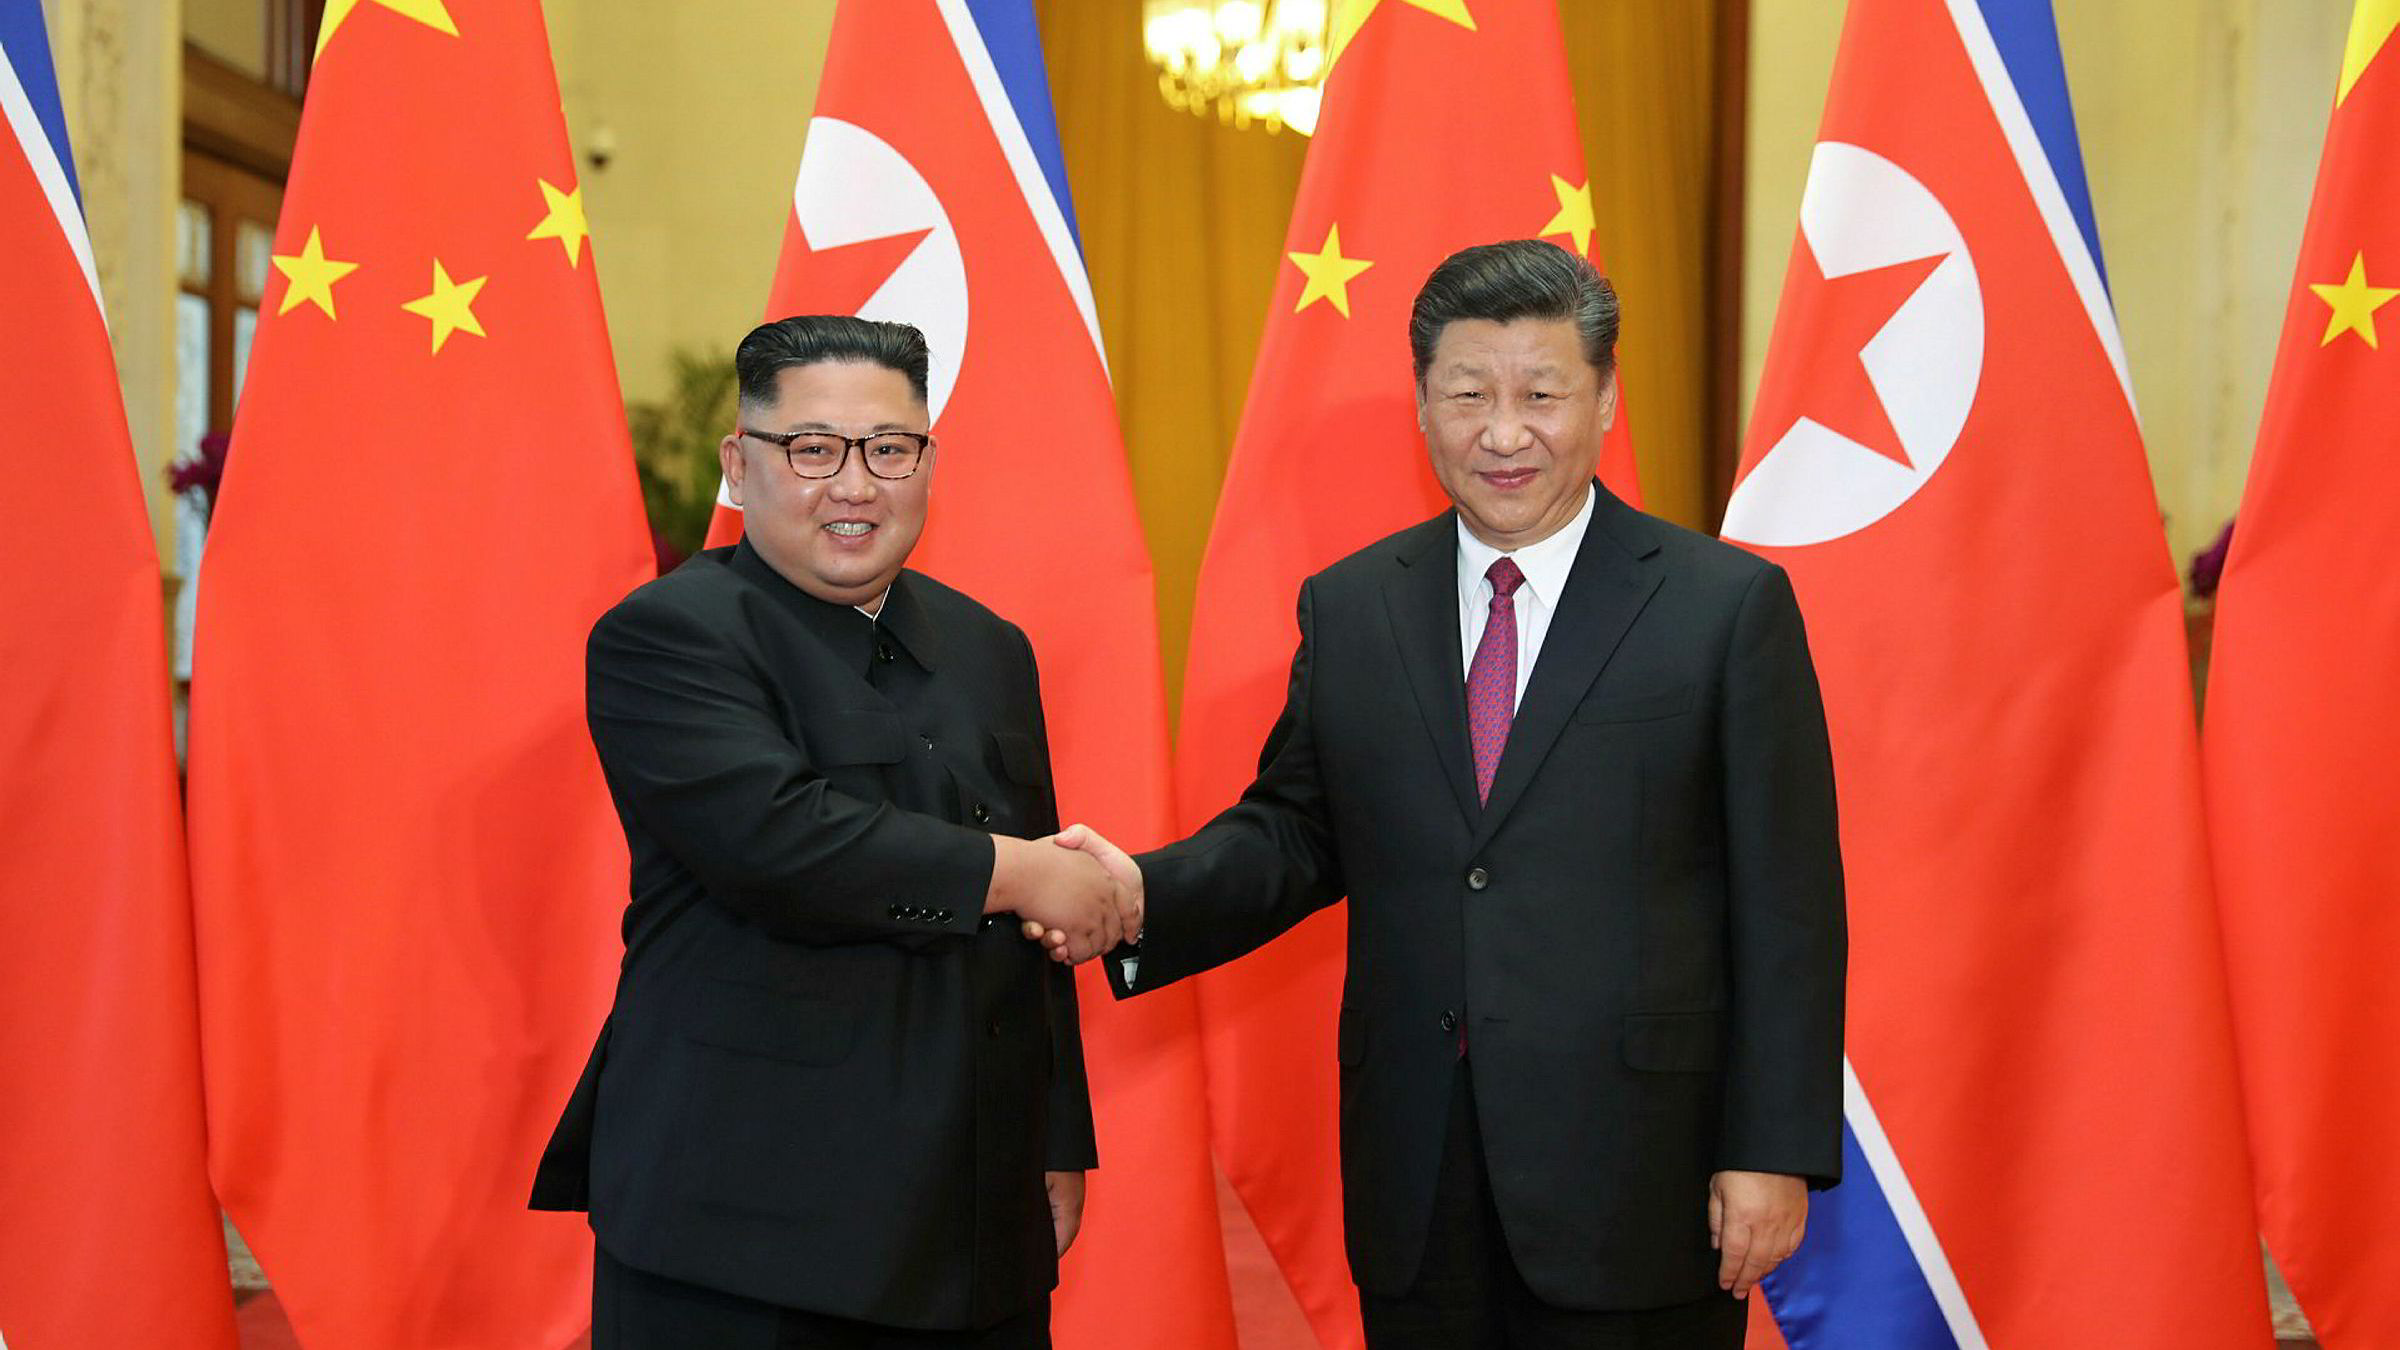 Til tross for smil og vennlig tone da Kinas president Xi Jinping og Nord-Koreas leder Kim Jong-un møttes i Kina i juni, har kinesisk handel med nordkoreanerne sunket drastisk det siste året. Eksporten har falt elleve måneder på rad, mens importen har falt i ti måneder på rad.